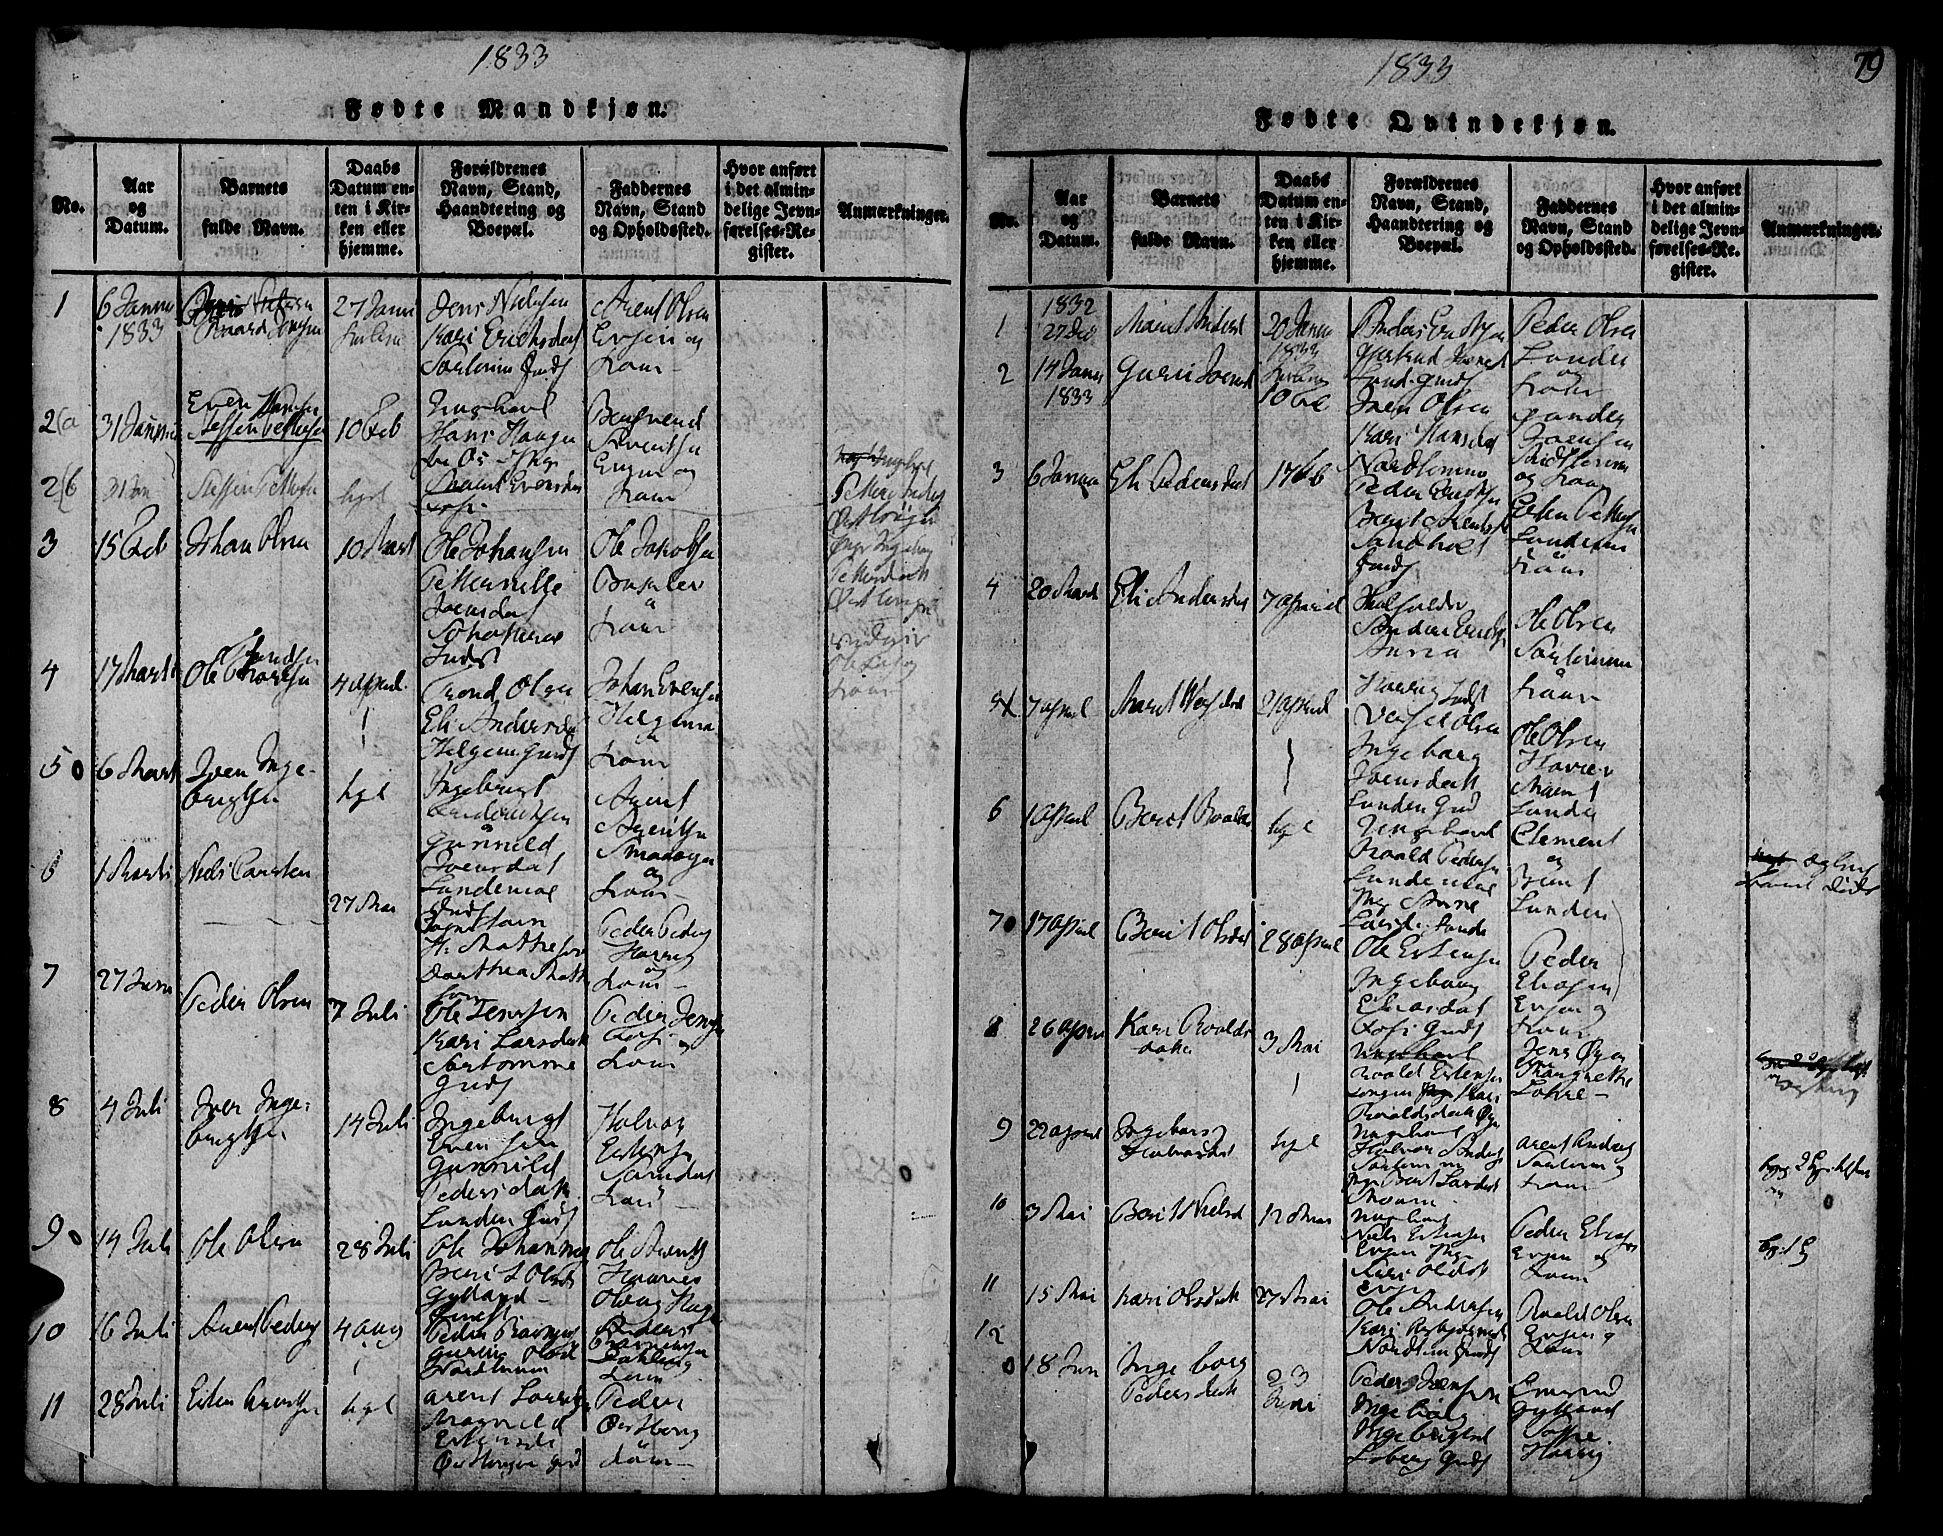 SAT, Ministerialprotokoller, klokkerbøker og fødselsregistre - Sør-Trøndelag, 692/L1102: Ministerialbok nr. 692A02, 1816-1842, s. 79